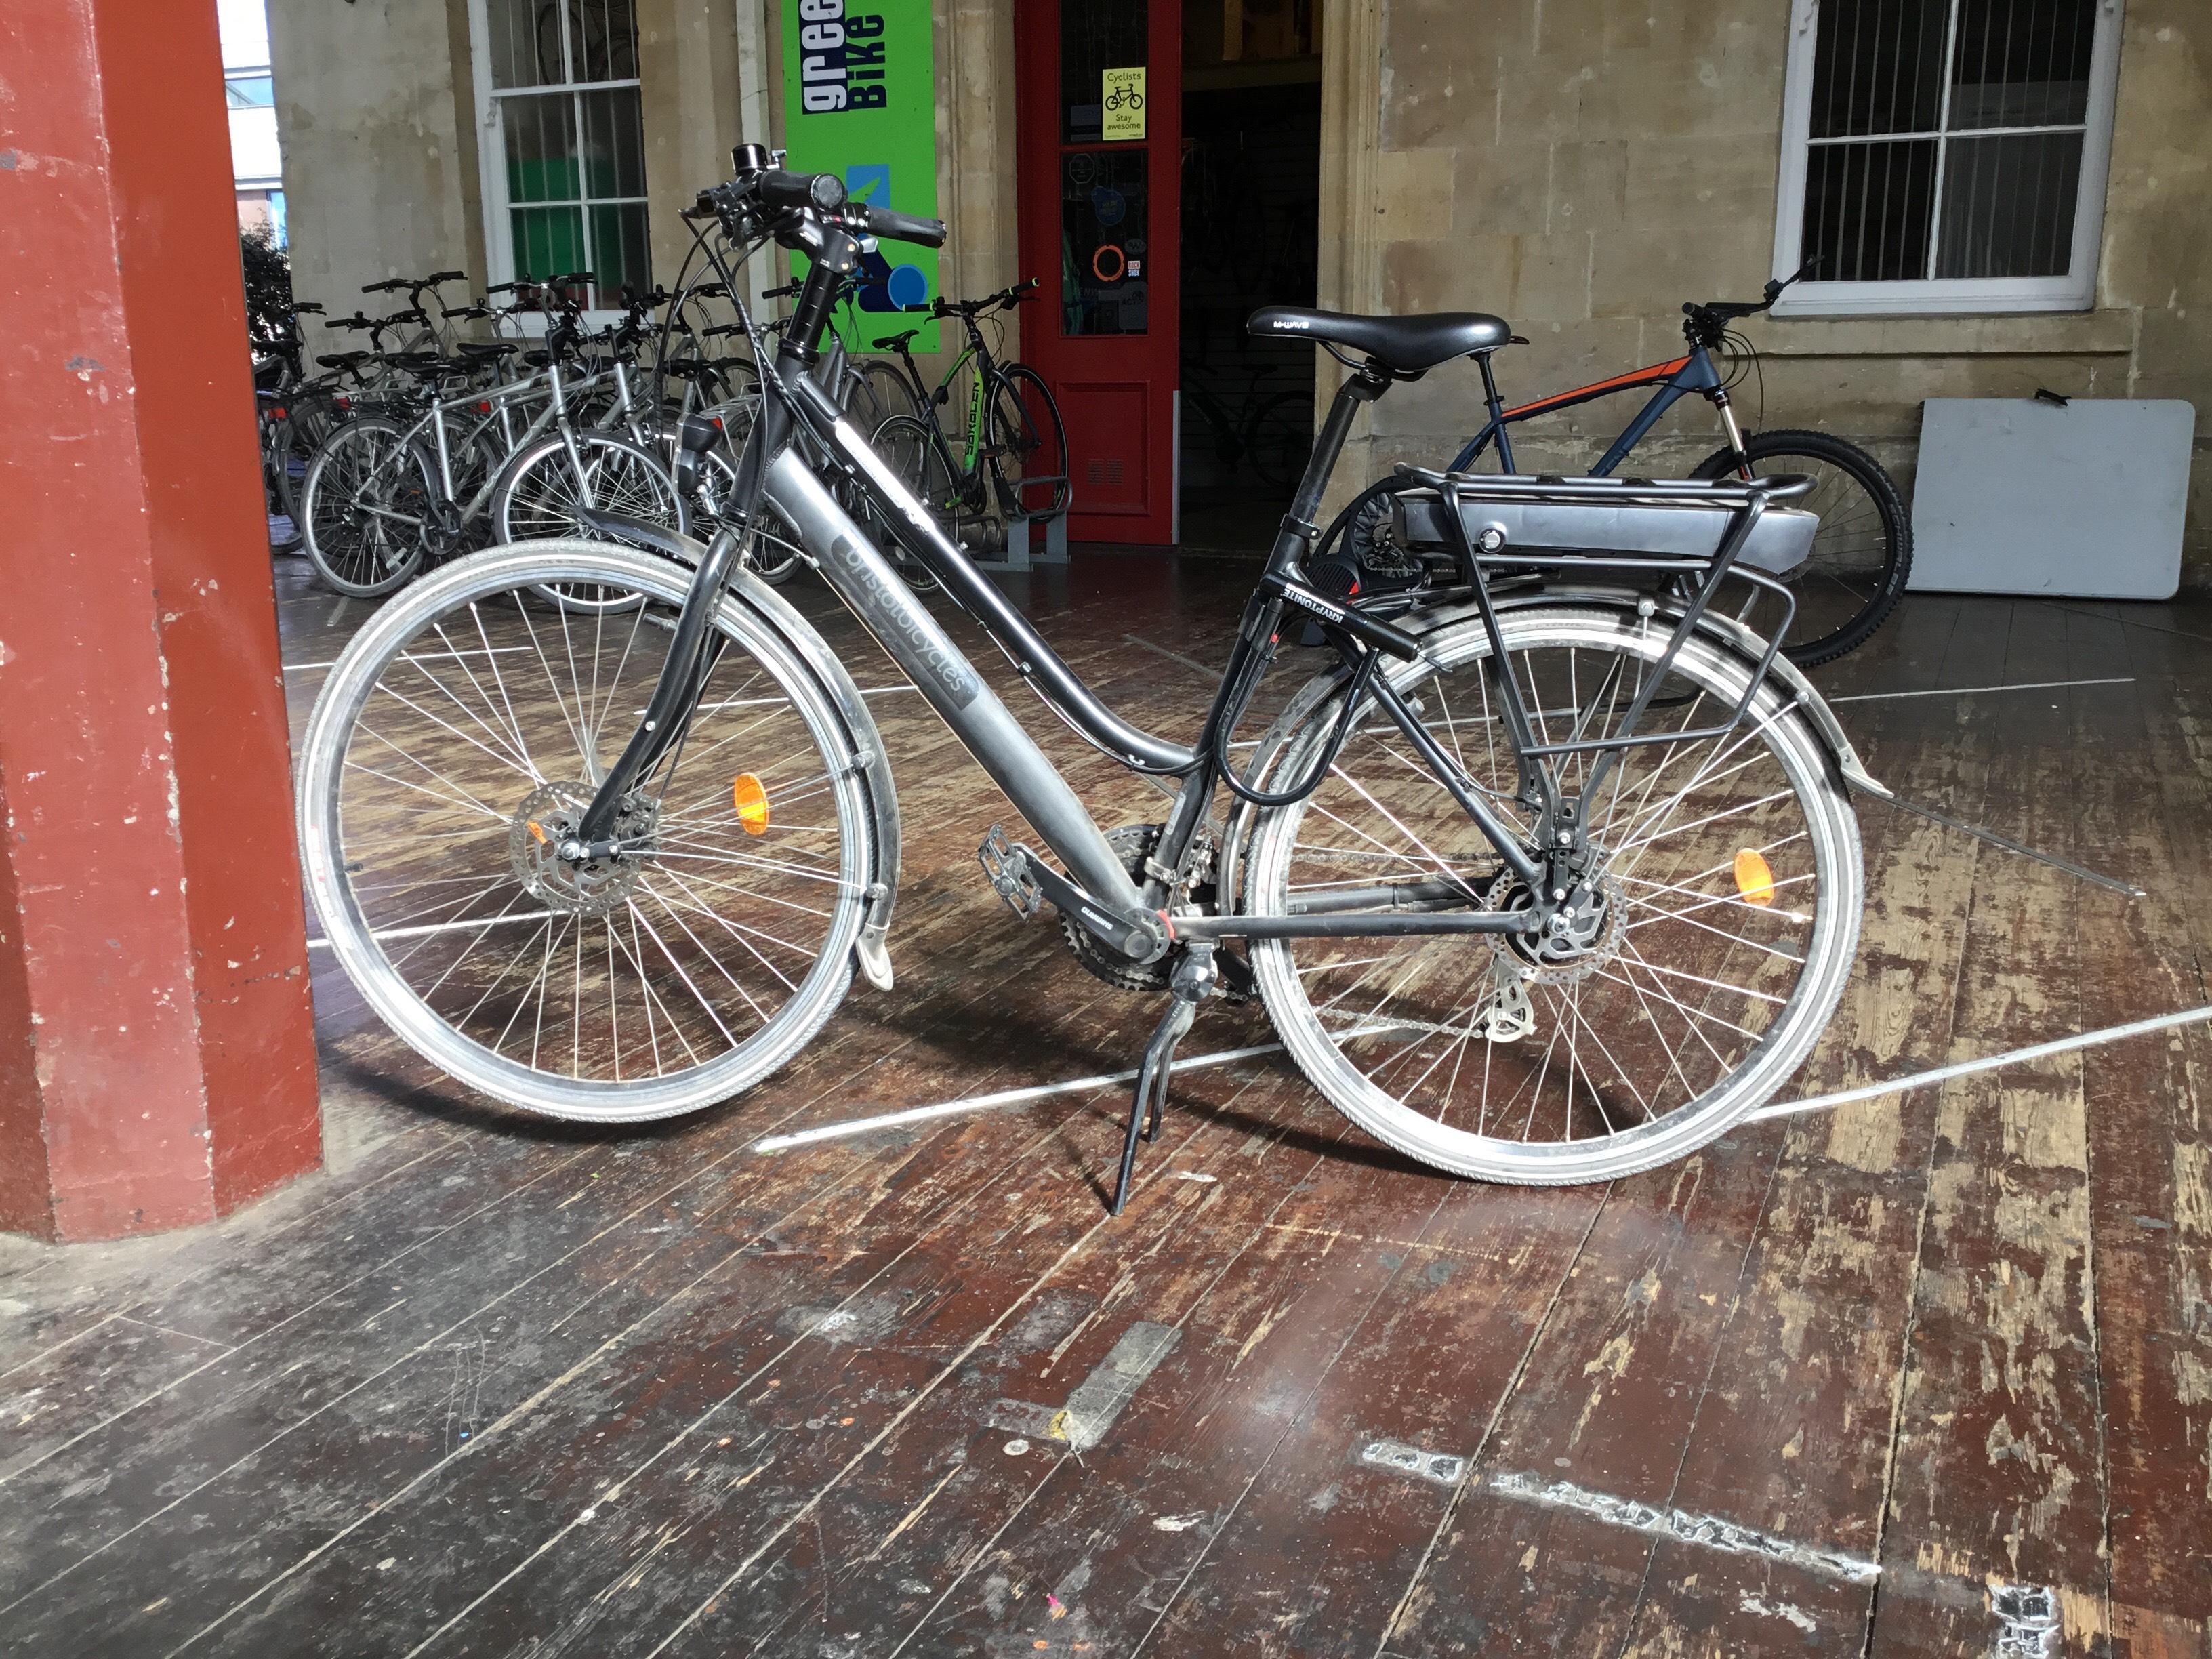 S'Park Bristol Bikes Ebike